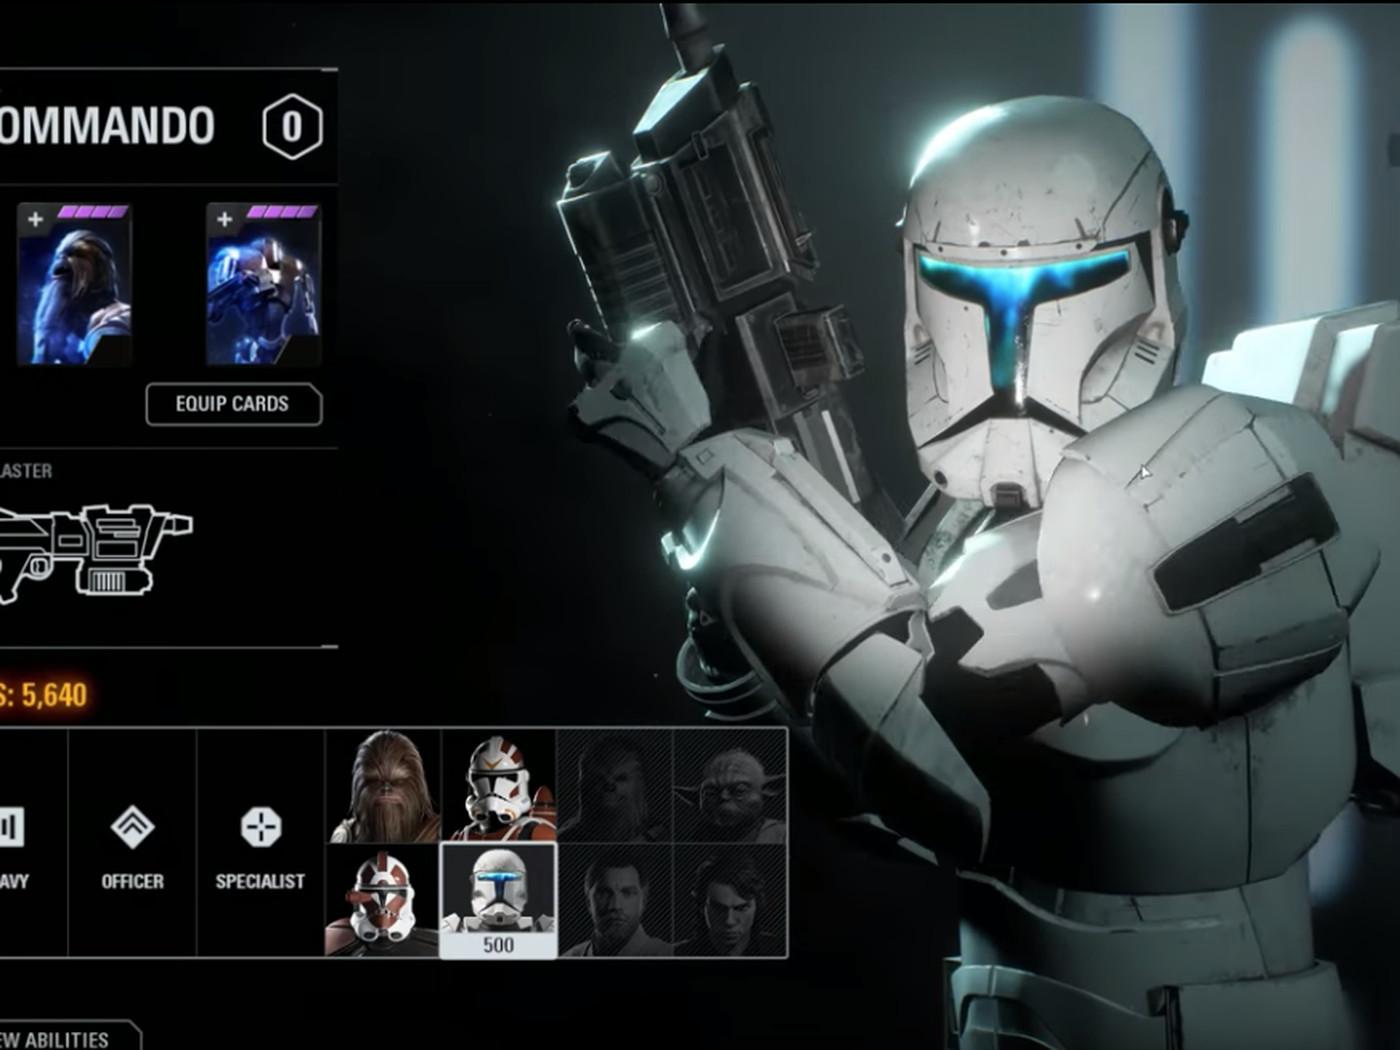 star wars battlefront 2 update august 2020